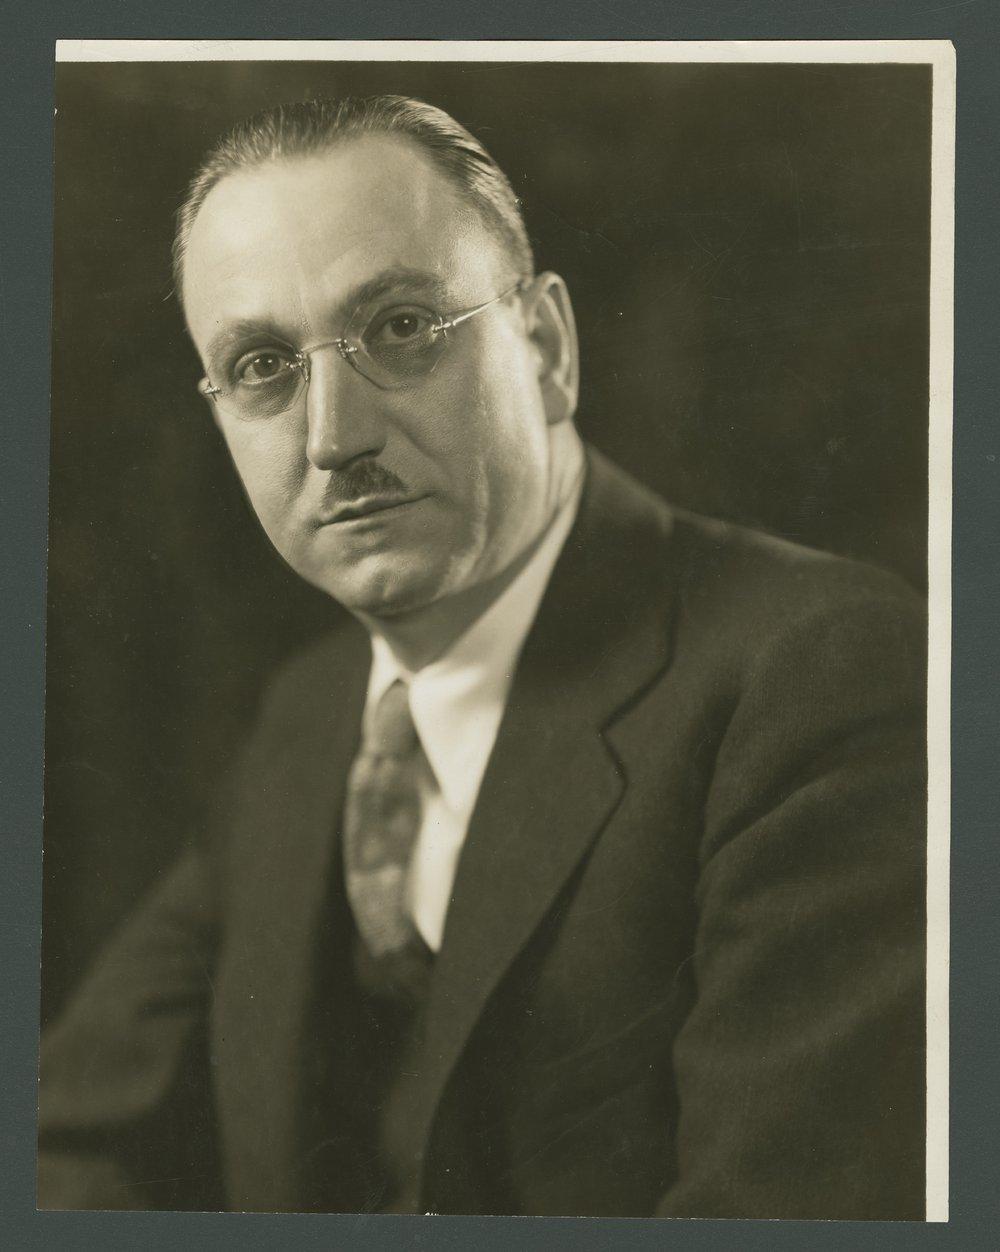 Karl Augustus Menninger - 1